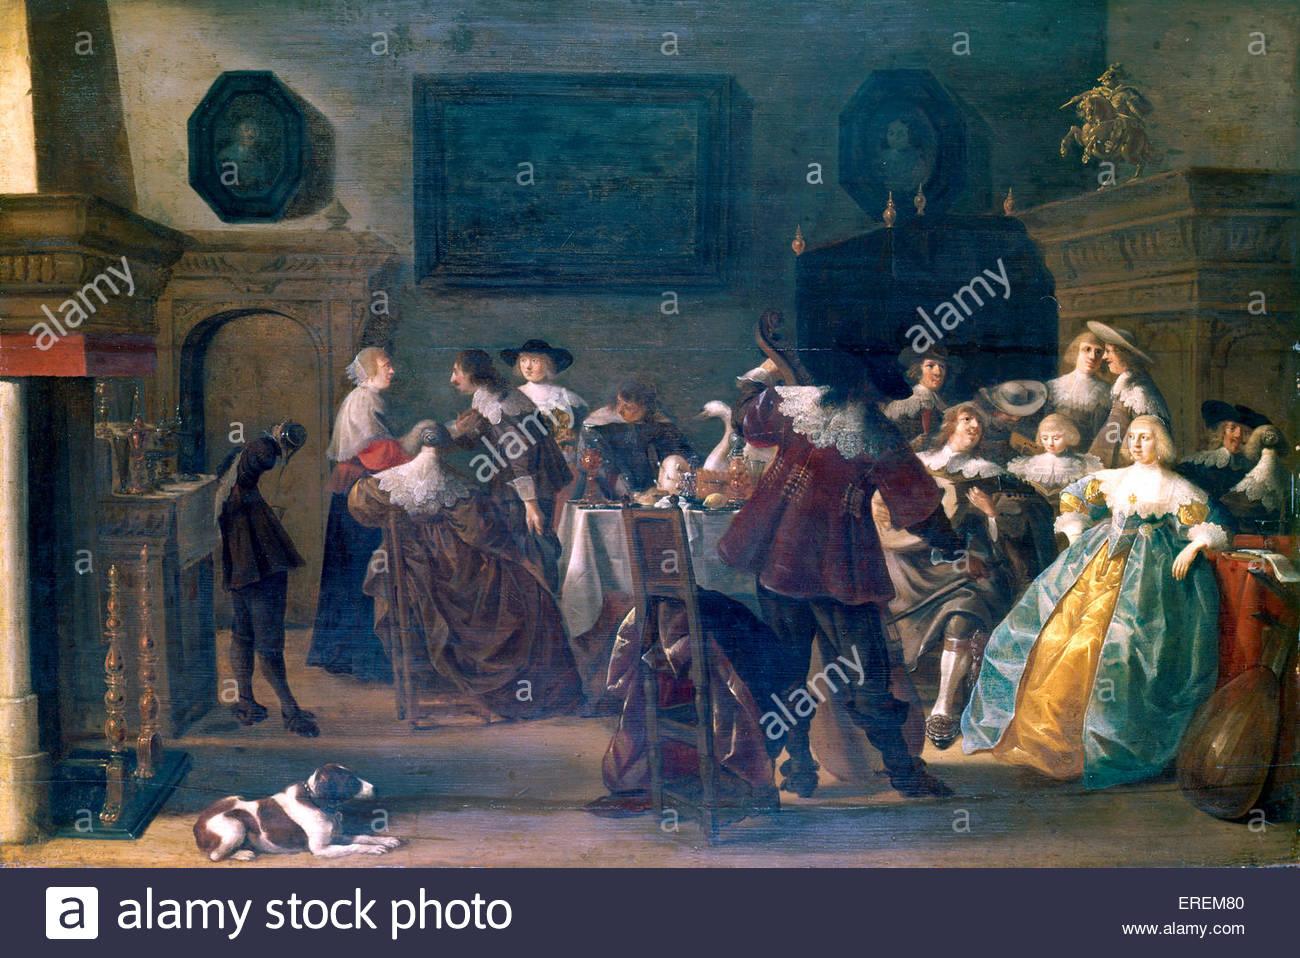 Cavaliers & Damen von Anthoine Palamedes (auch Antonie Palamedesz), niederländischer Maler (1601-1673). Stockbild